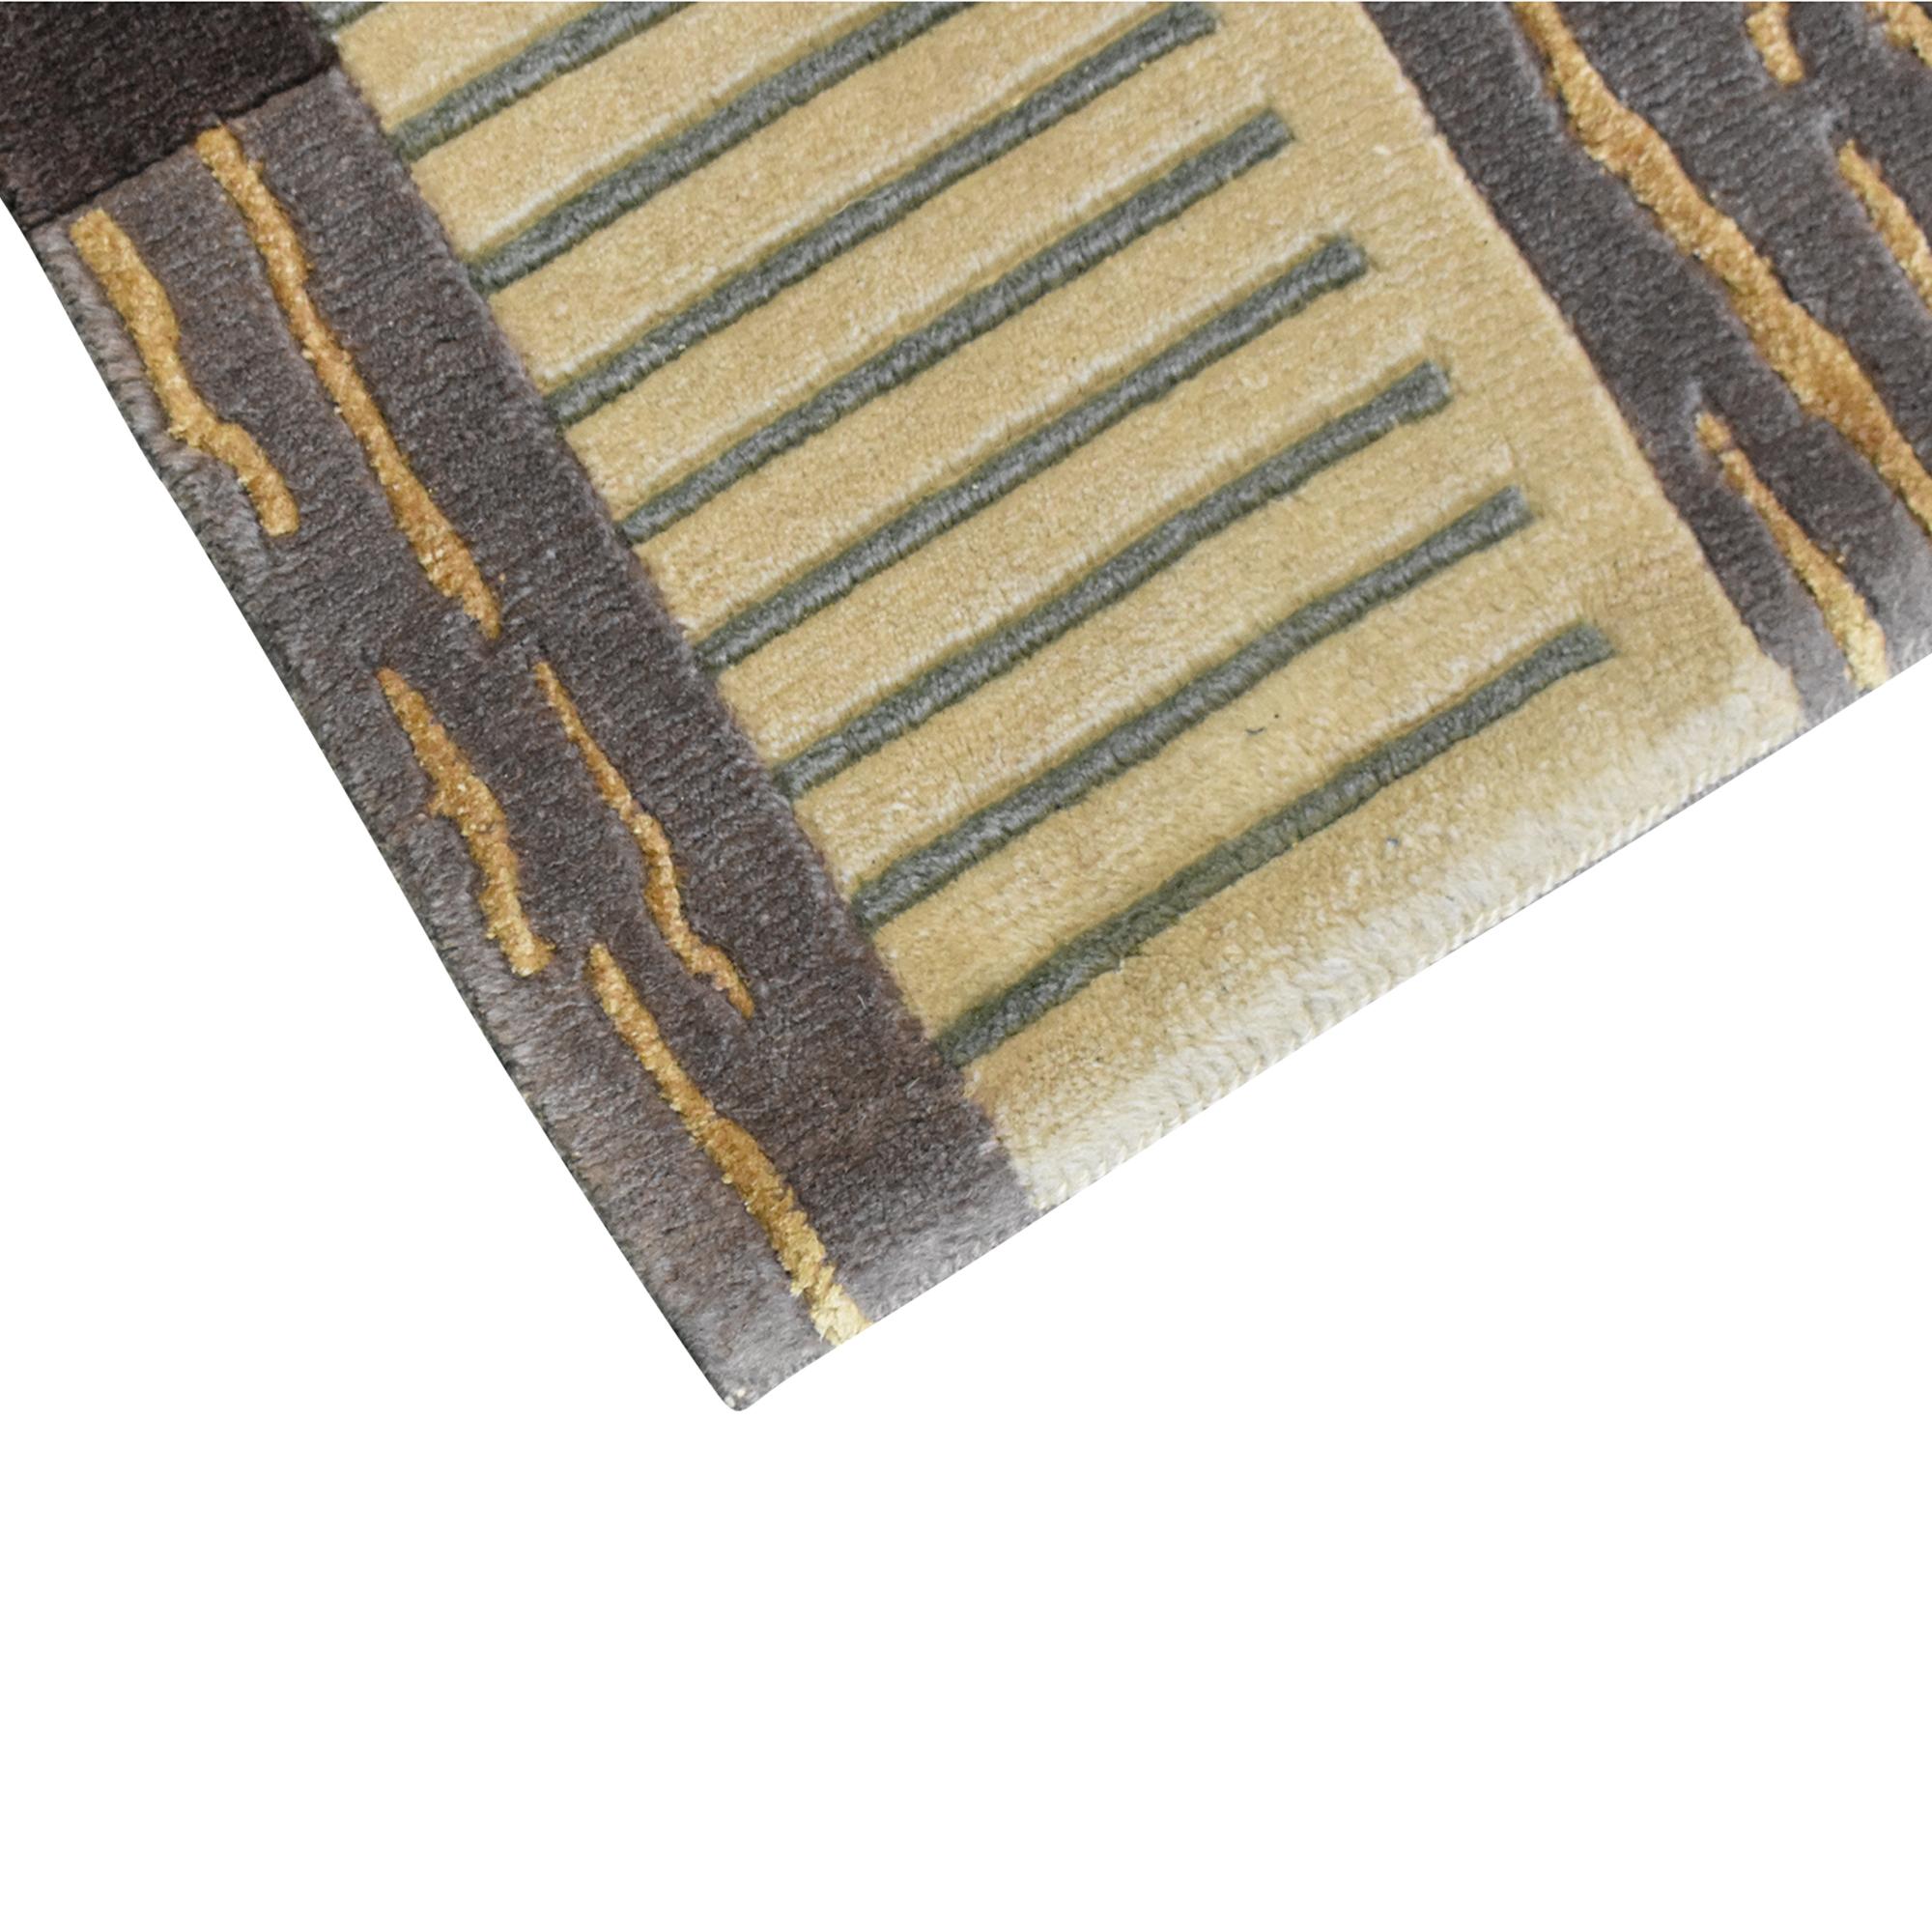 Contemporary Area Rug Decor